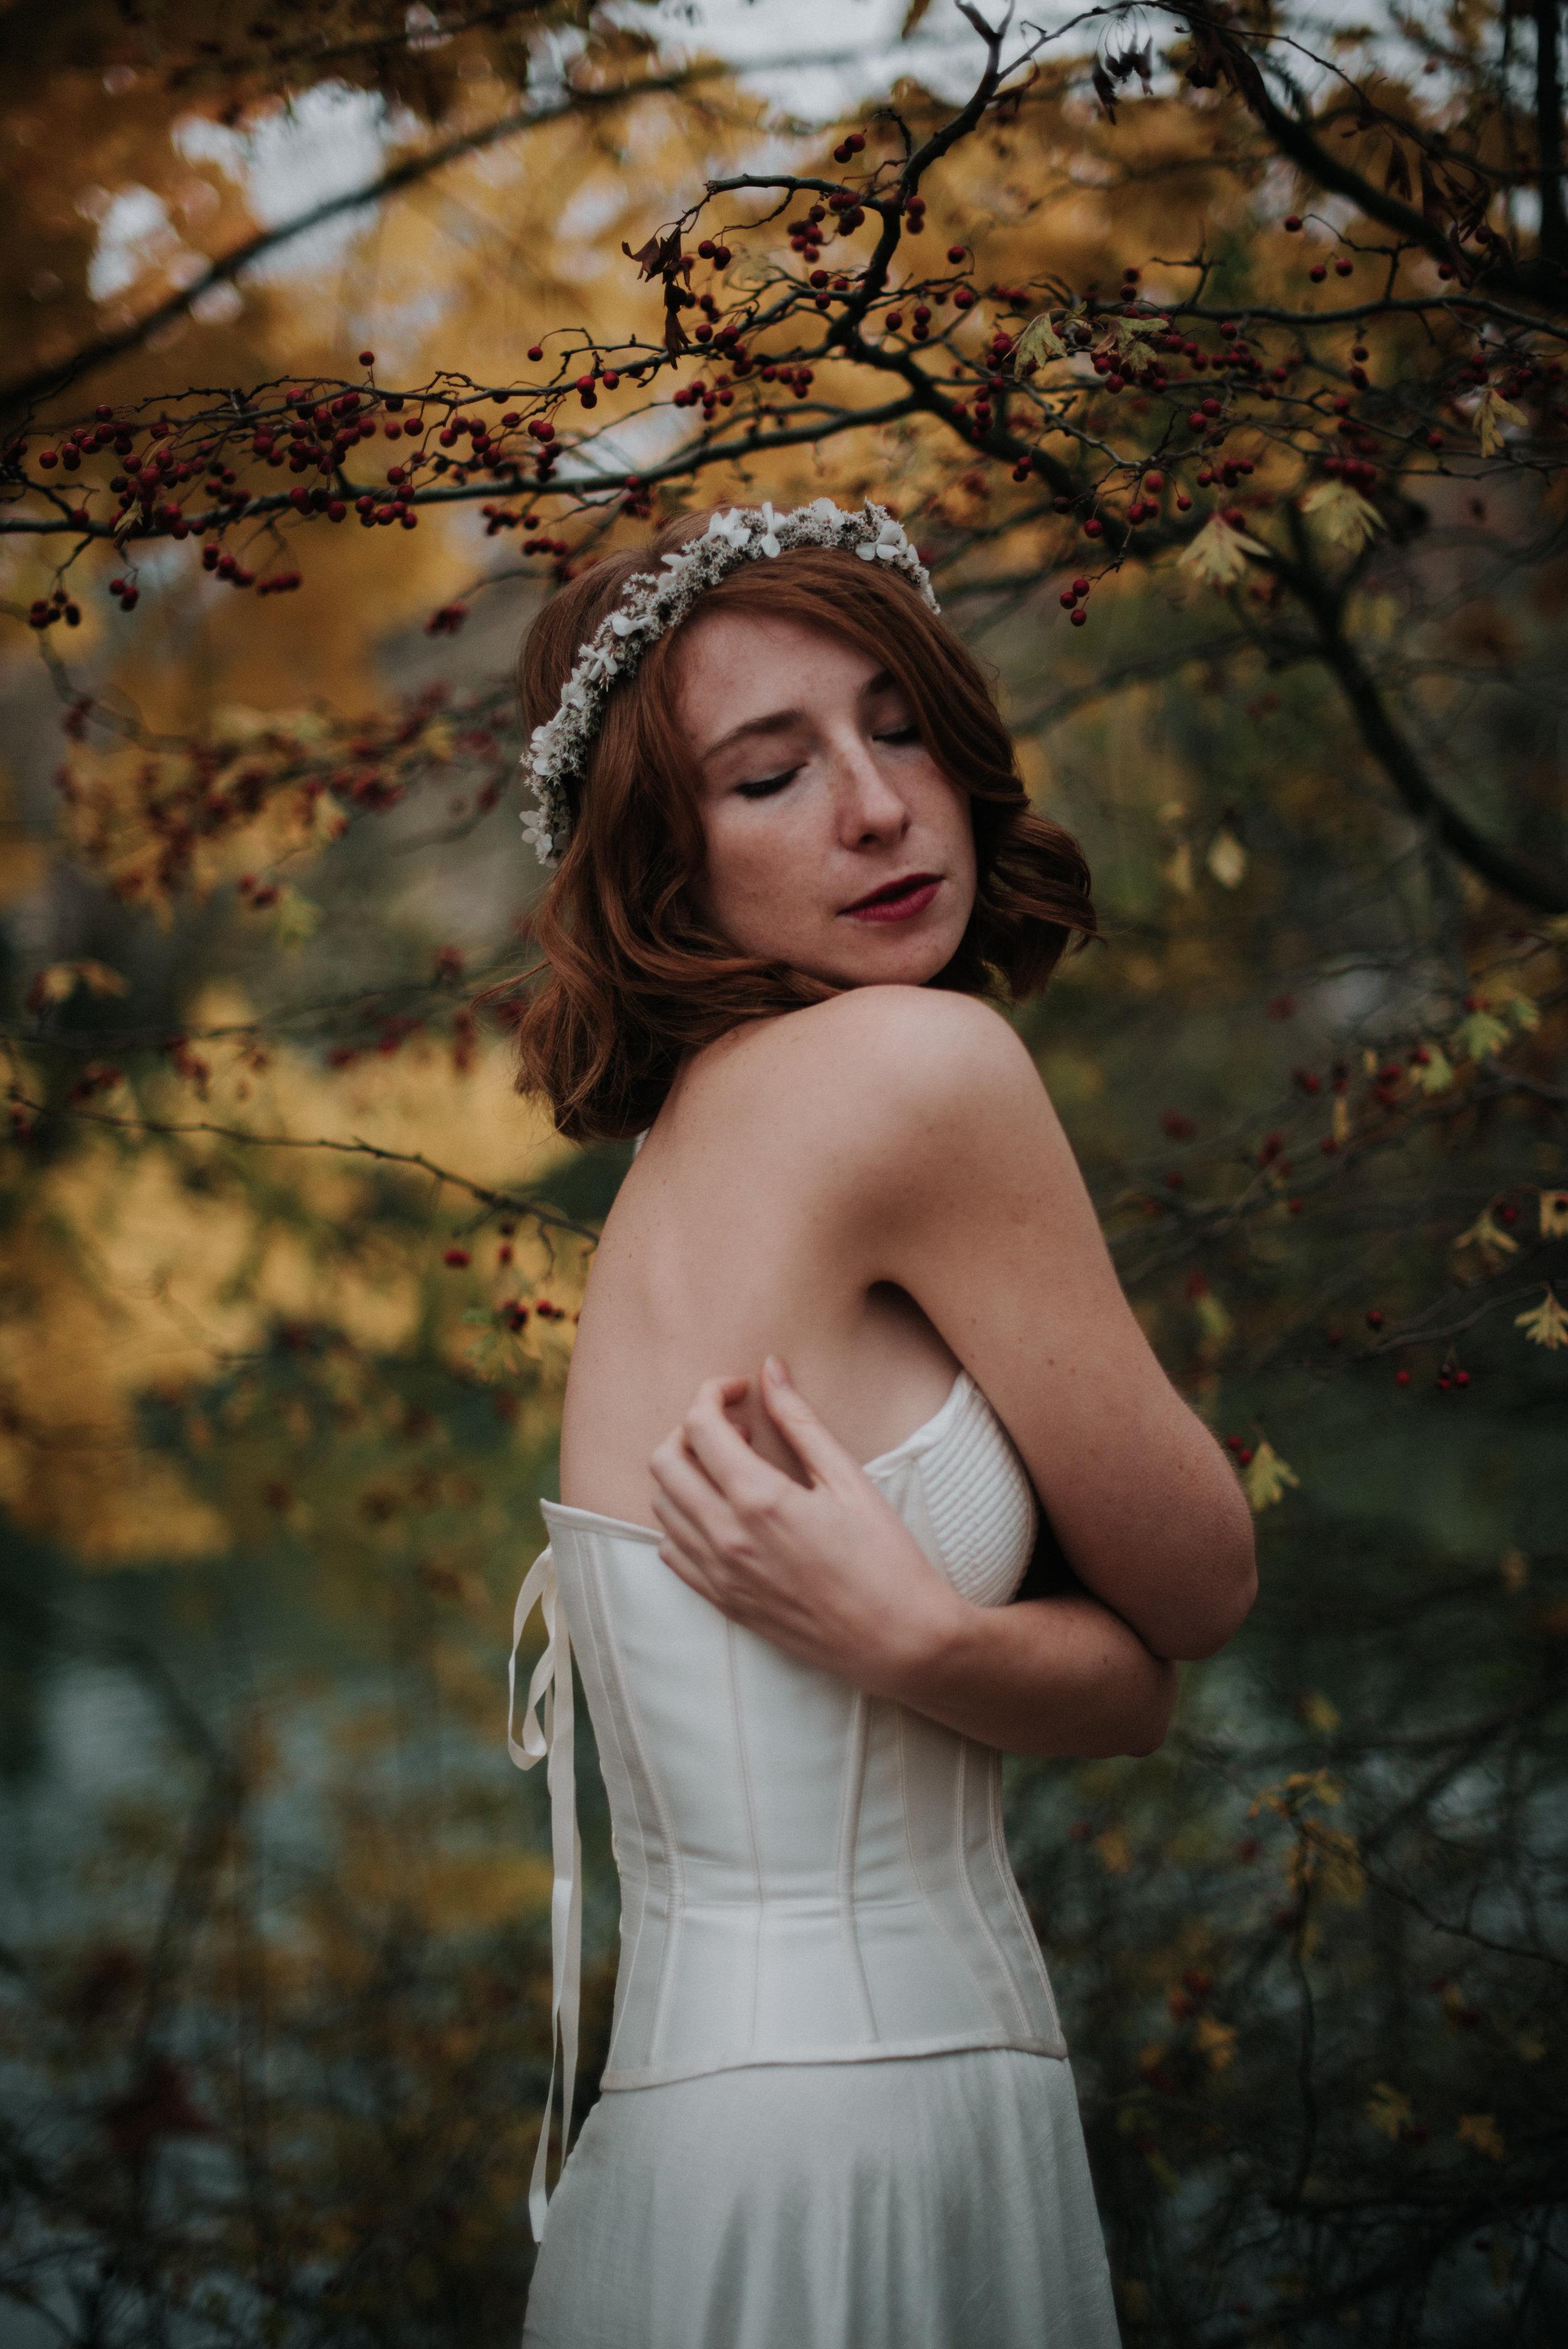 Léa-Fery-photographe-professionnel-lyon-rhone-alpes-portrait-creation-mariage-evenement-evenementiel-famille-6365.jpg